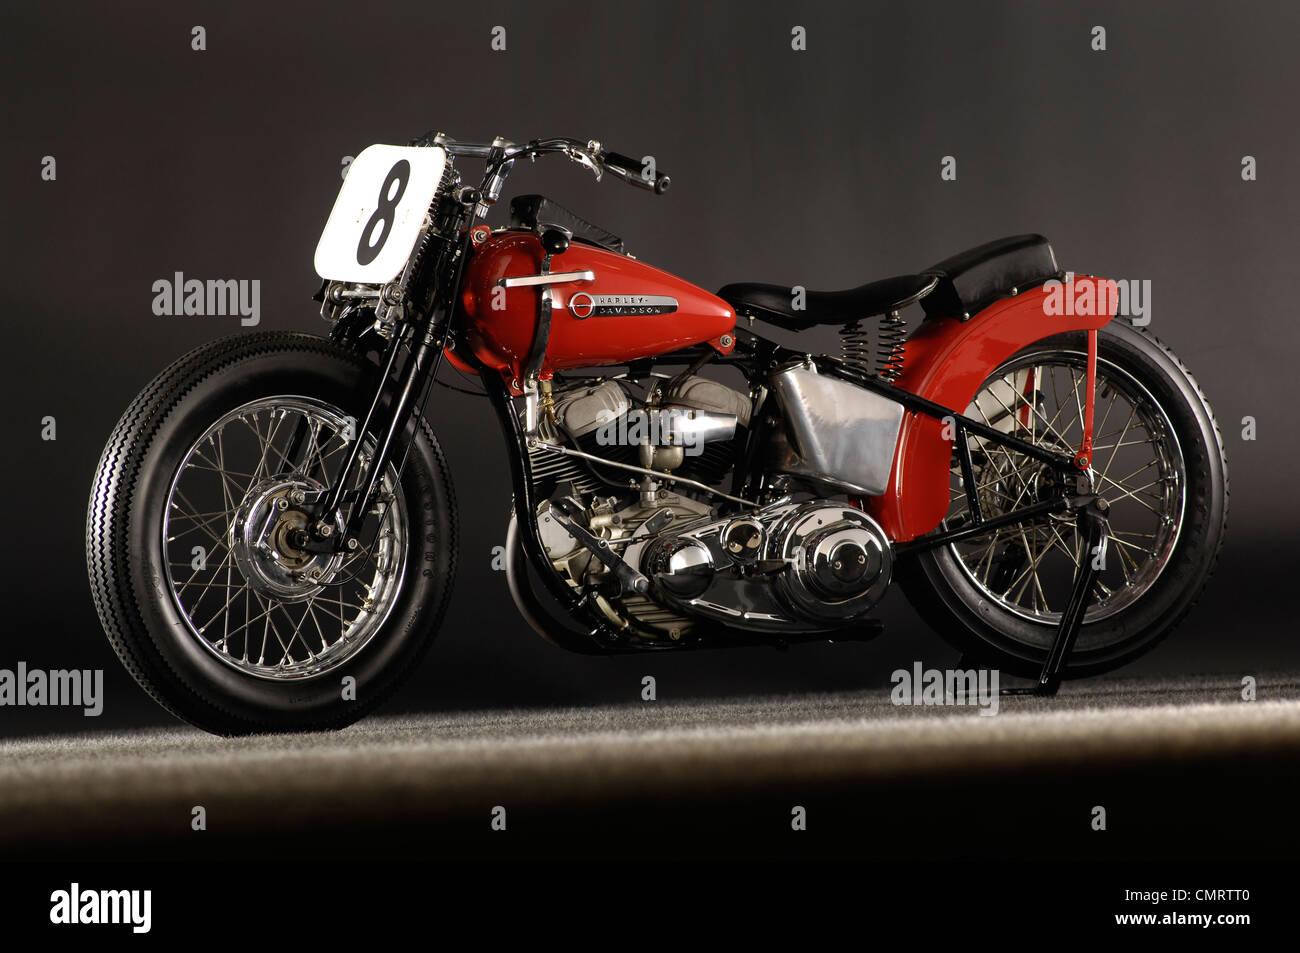 1948 Harley Davidson WR Daytona - Stock Image